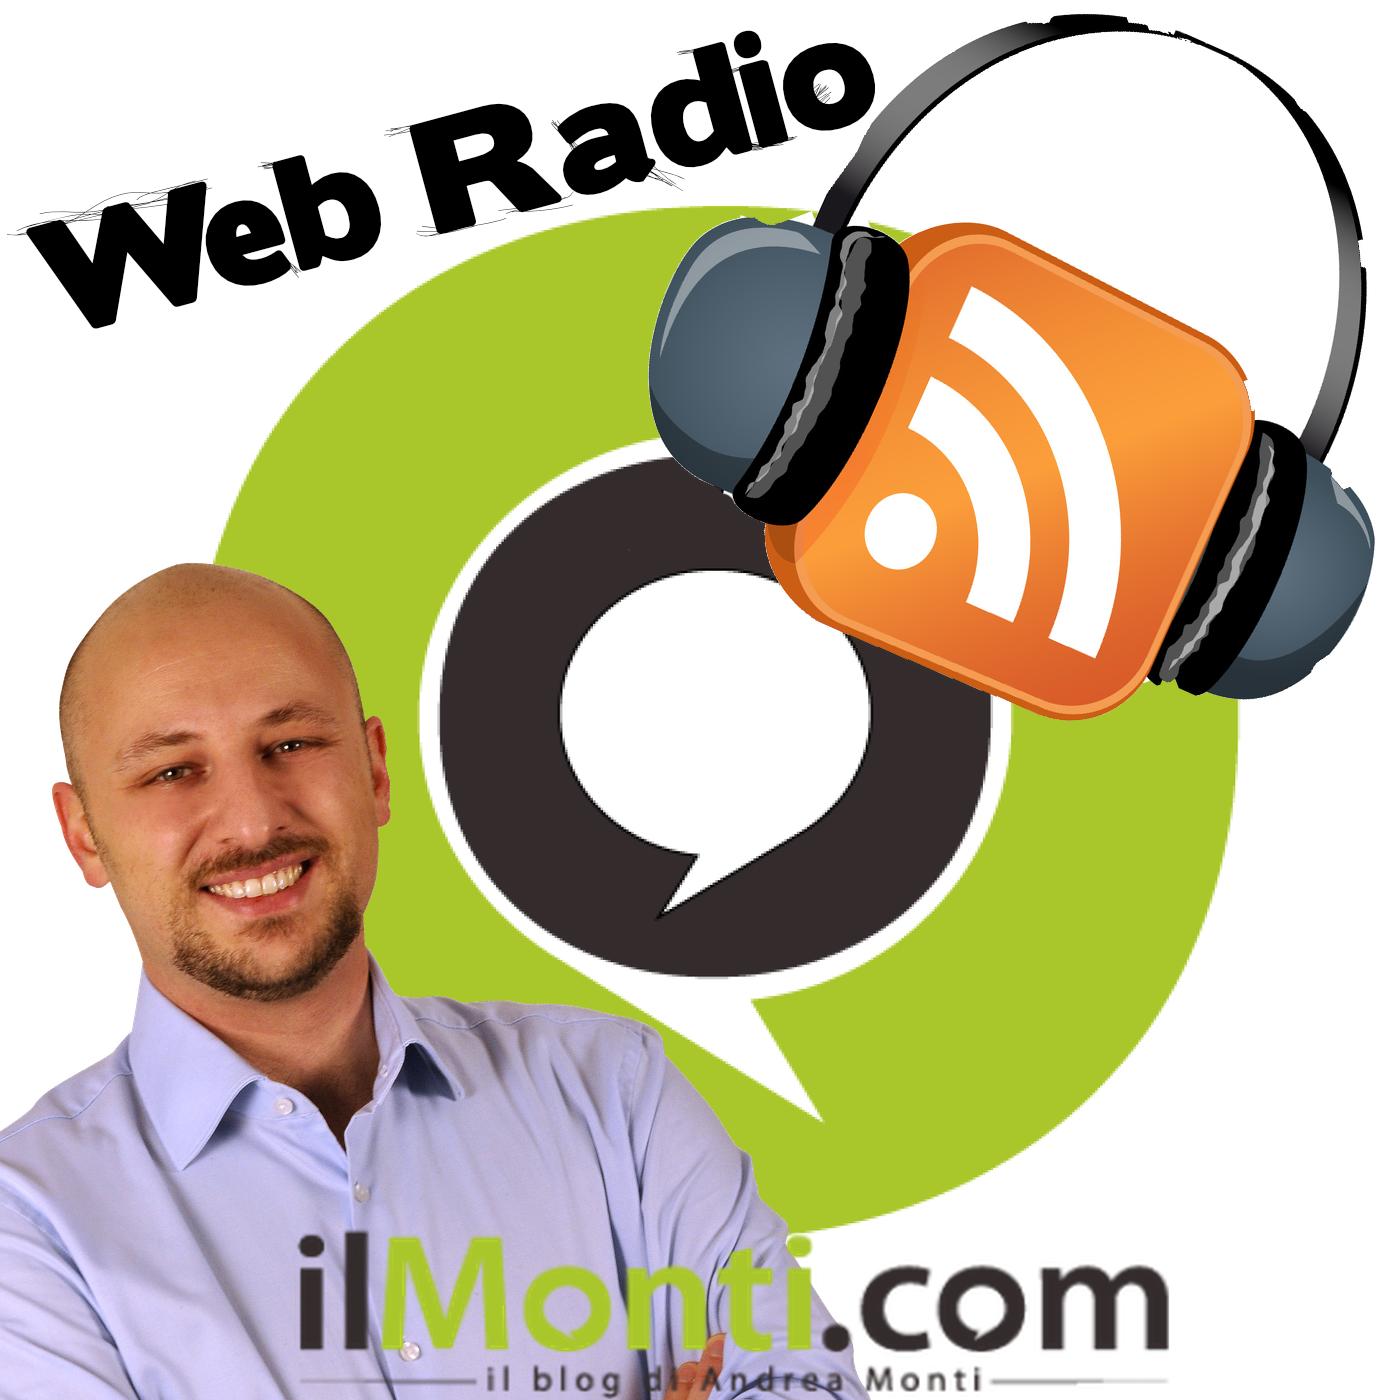 WebRadio ilMonti.com - Una voce indipendente - www.ilmonti.com